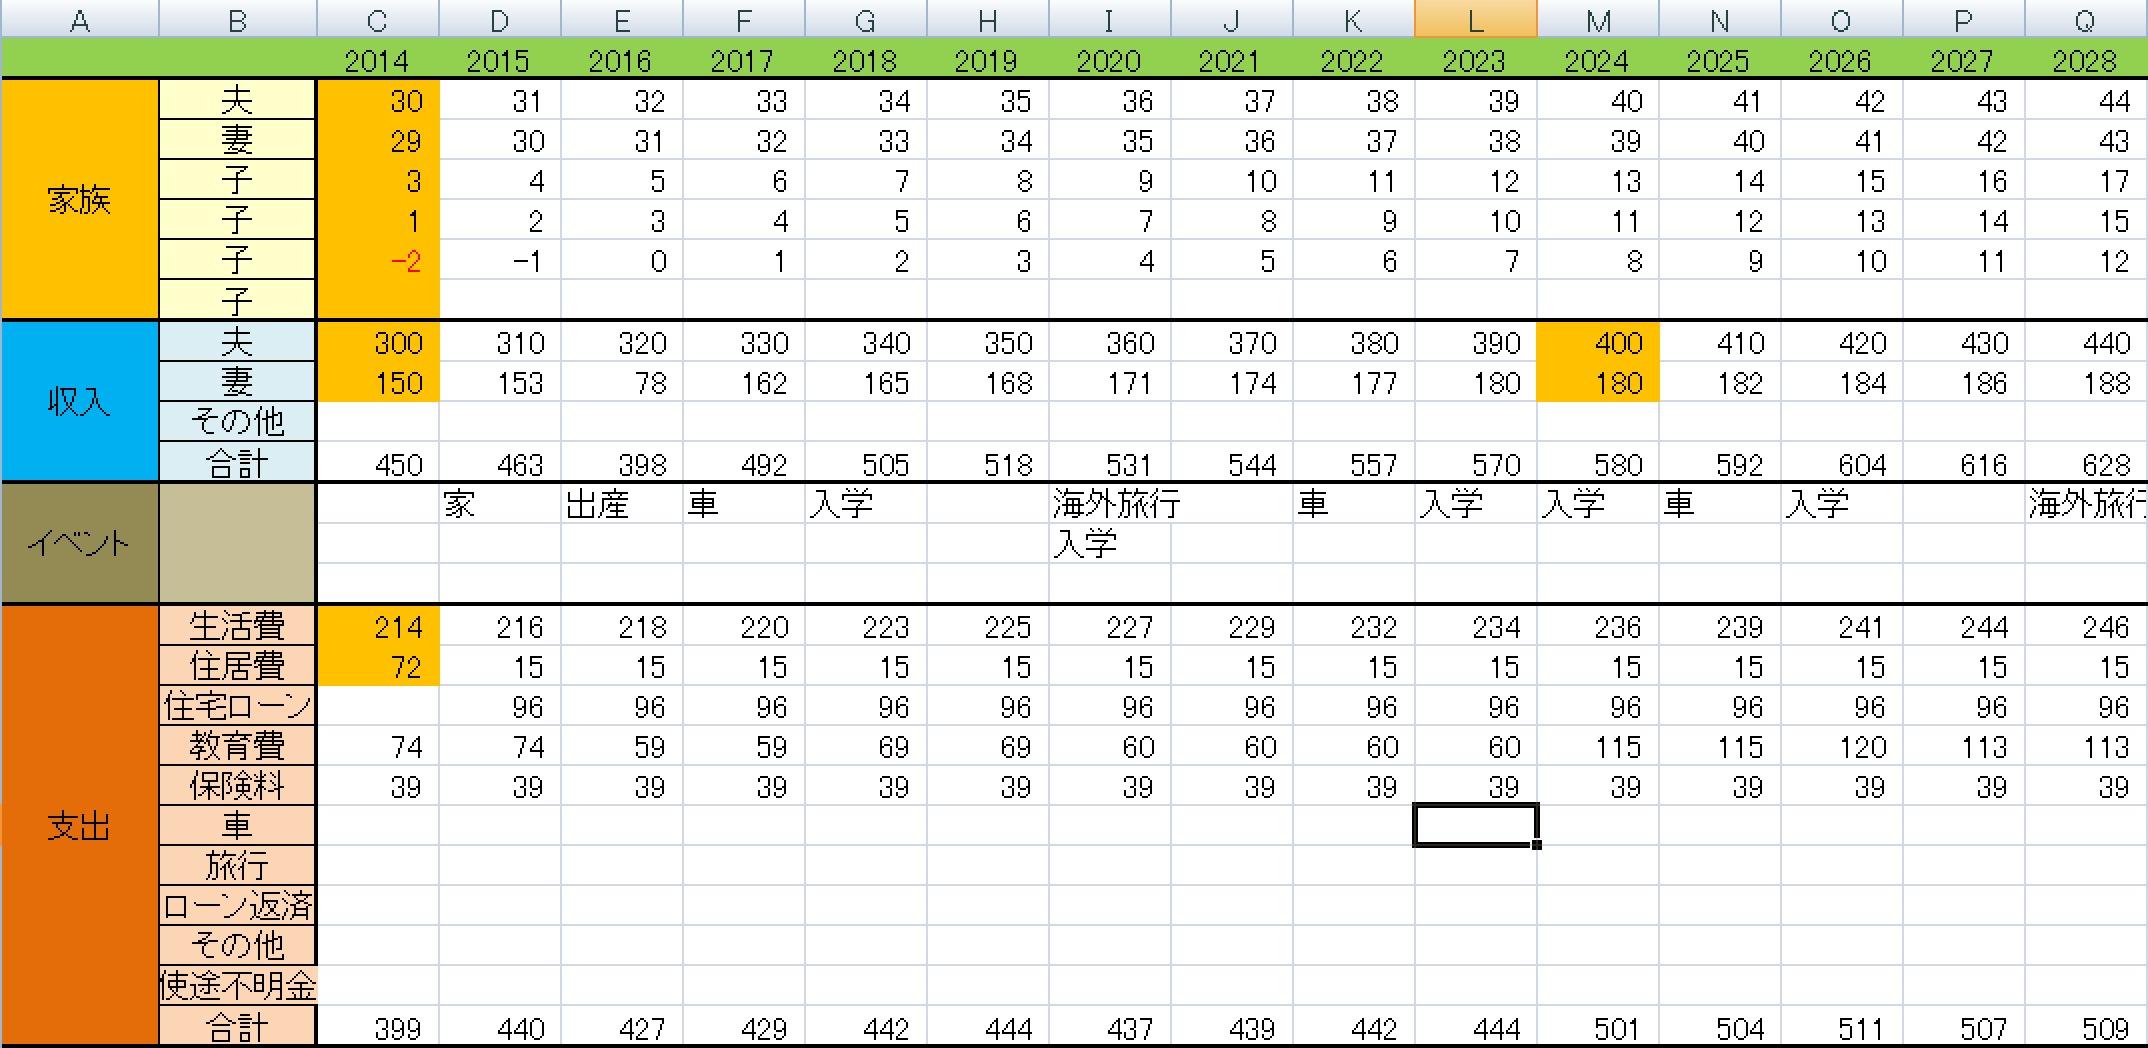 ライフプラン表をエクセルで自作する16手順